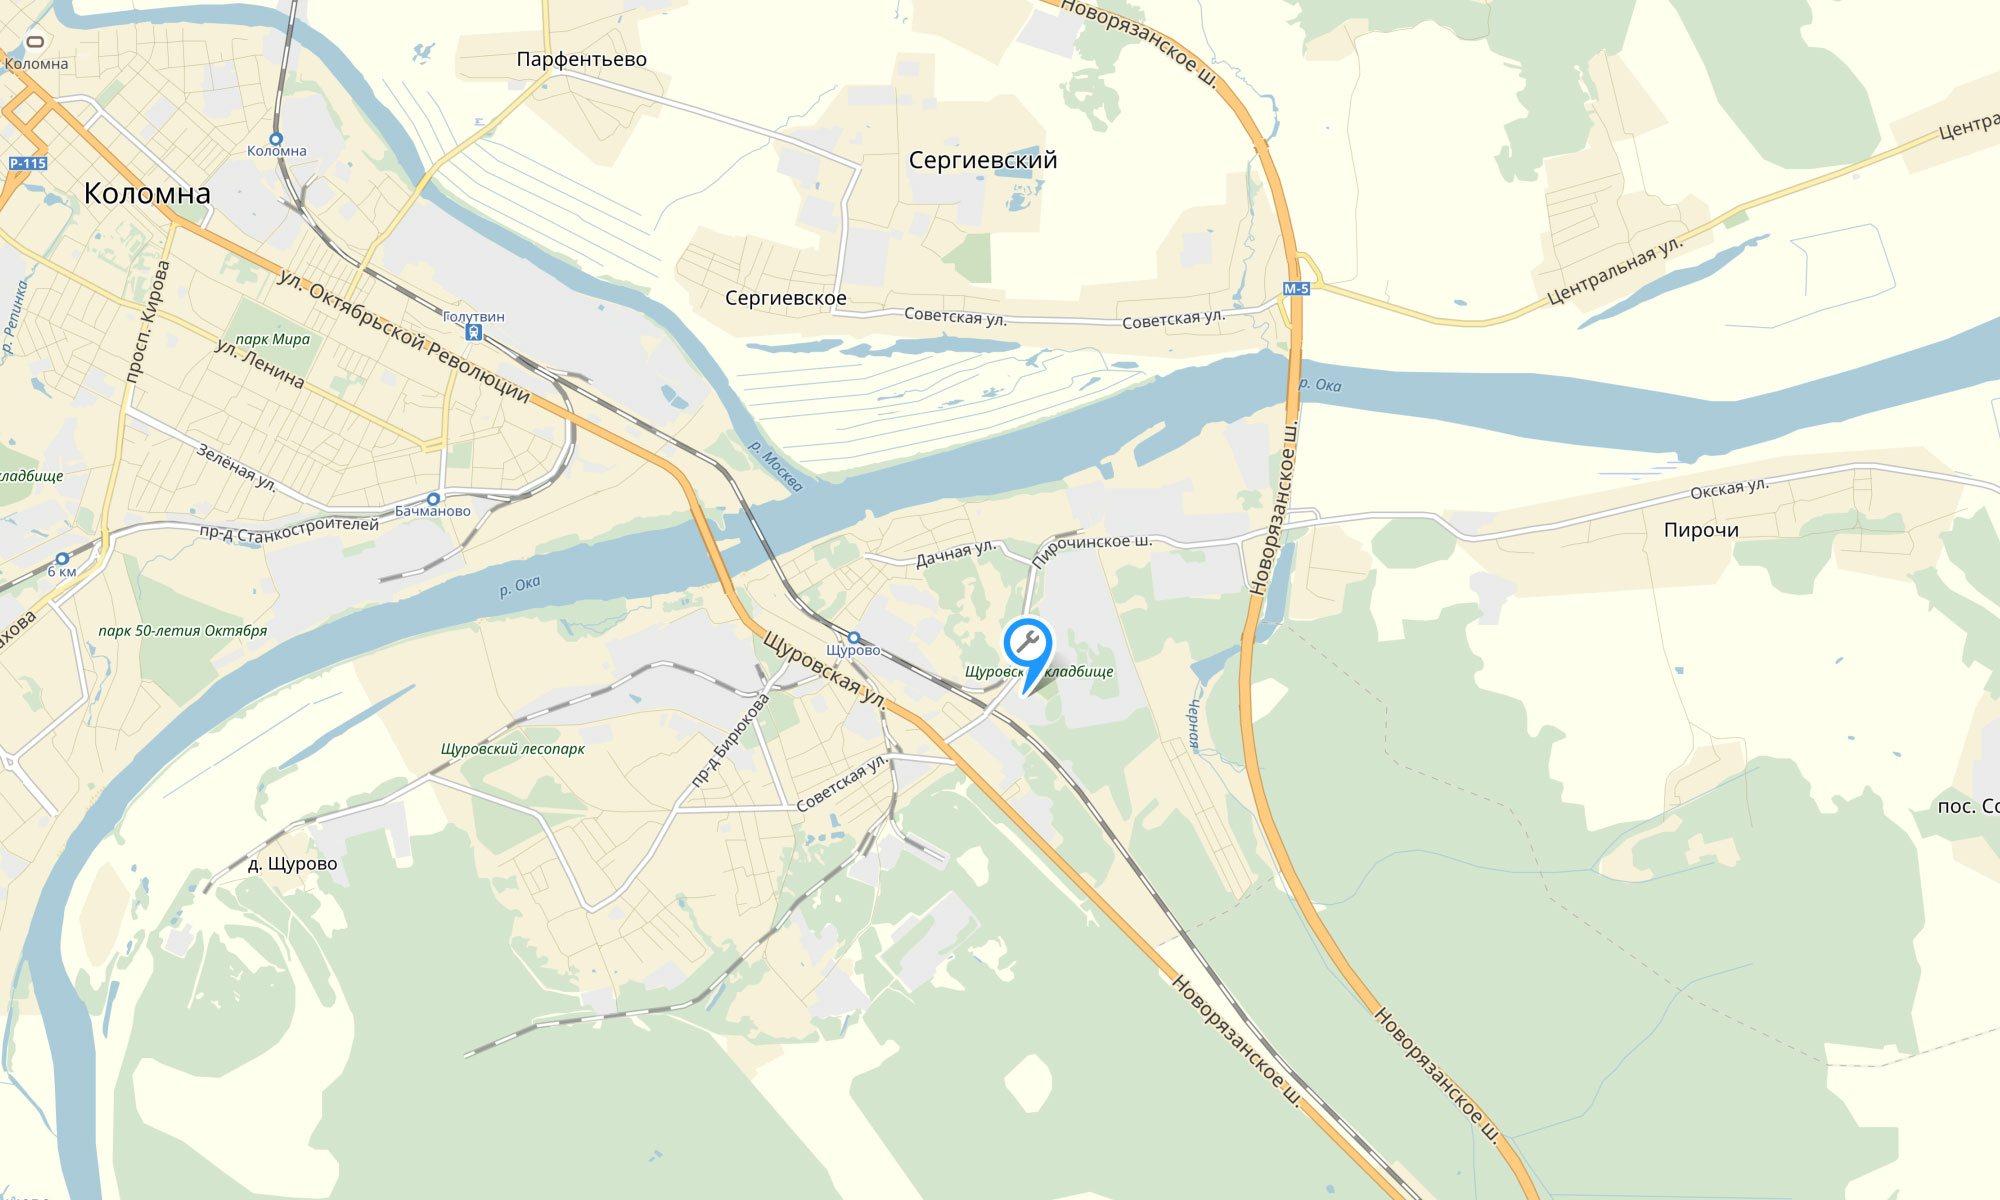 Круглосуточный автосервис в Коломне: Контакты